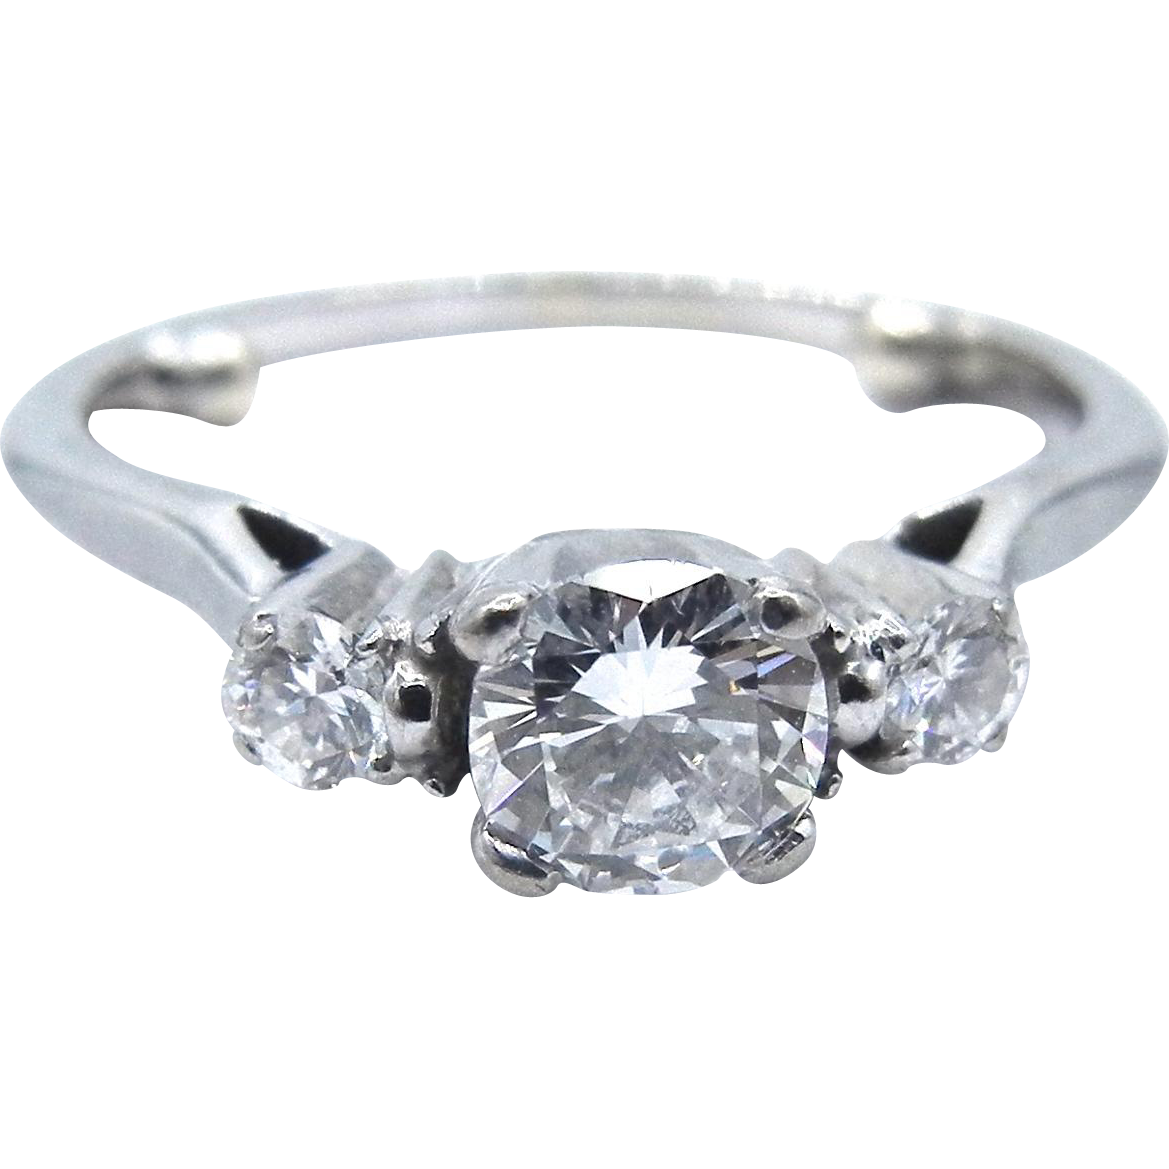 14 Karat White Gold Engagement Diamond Ring